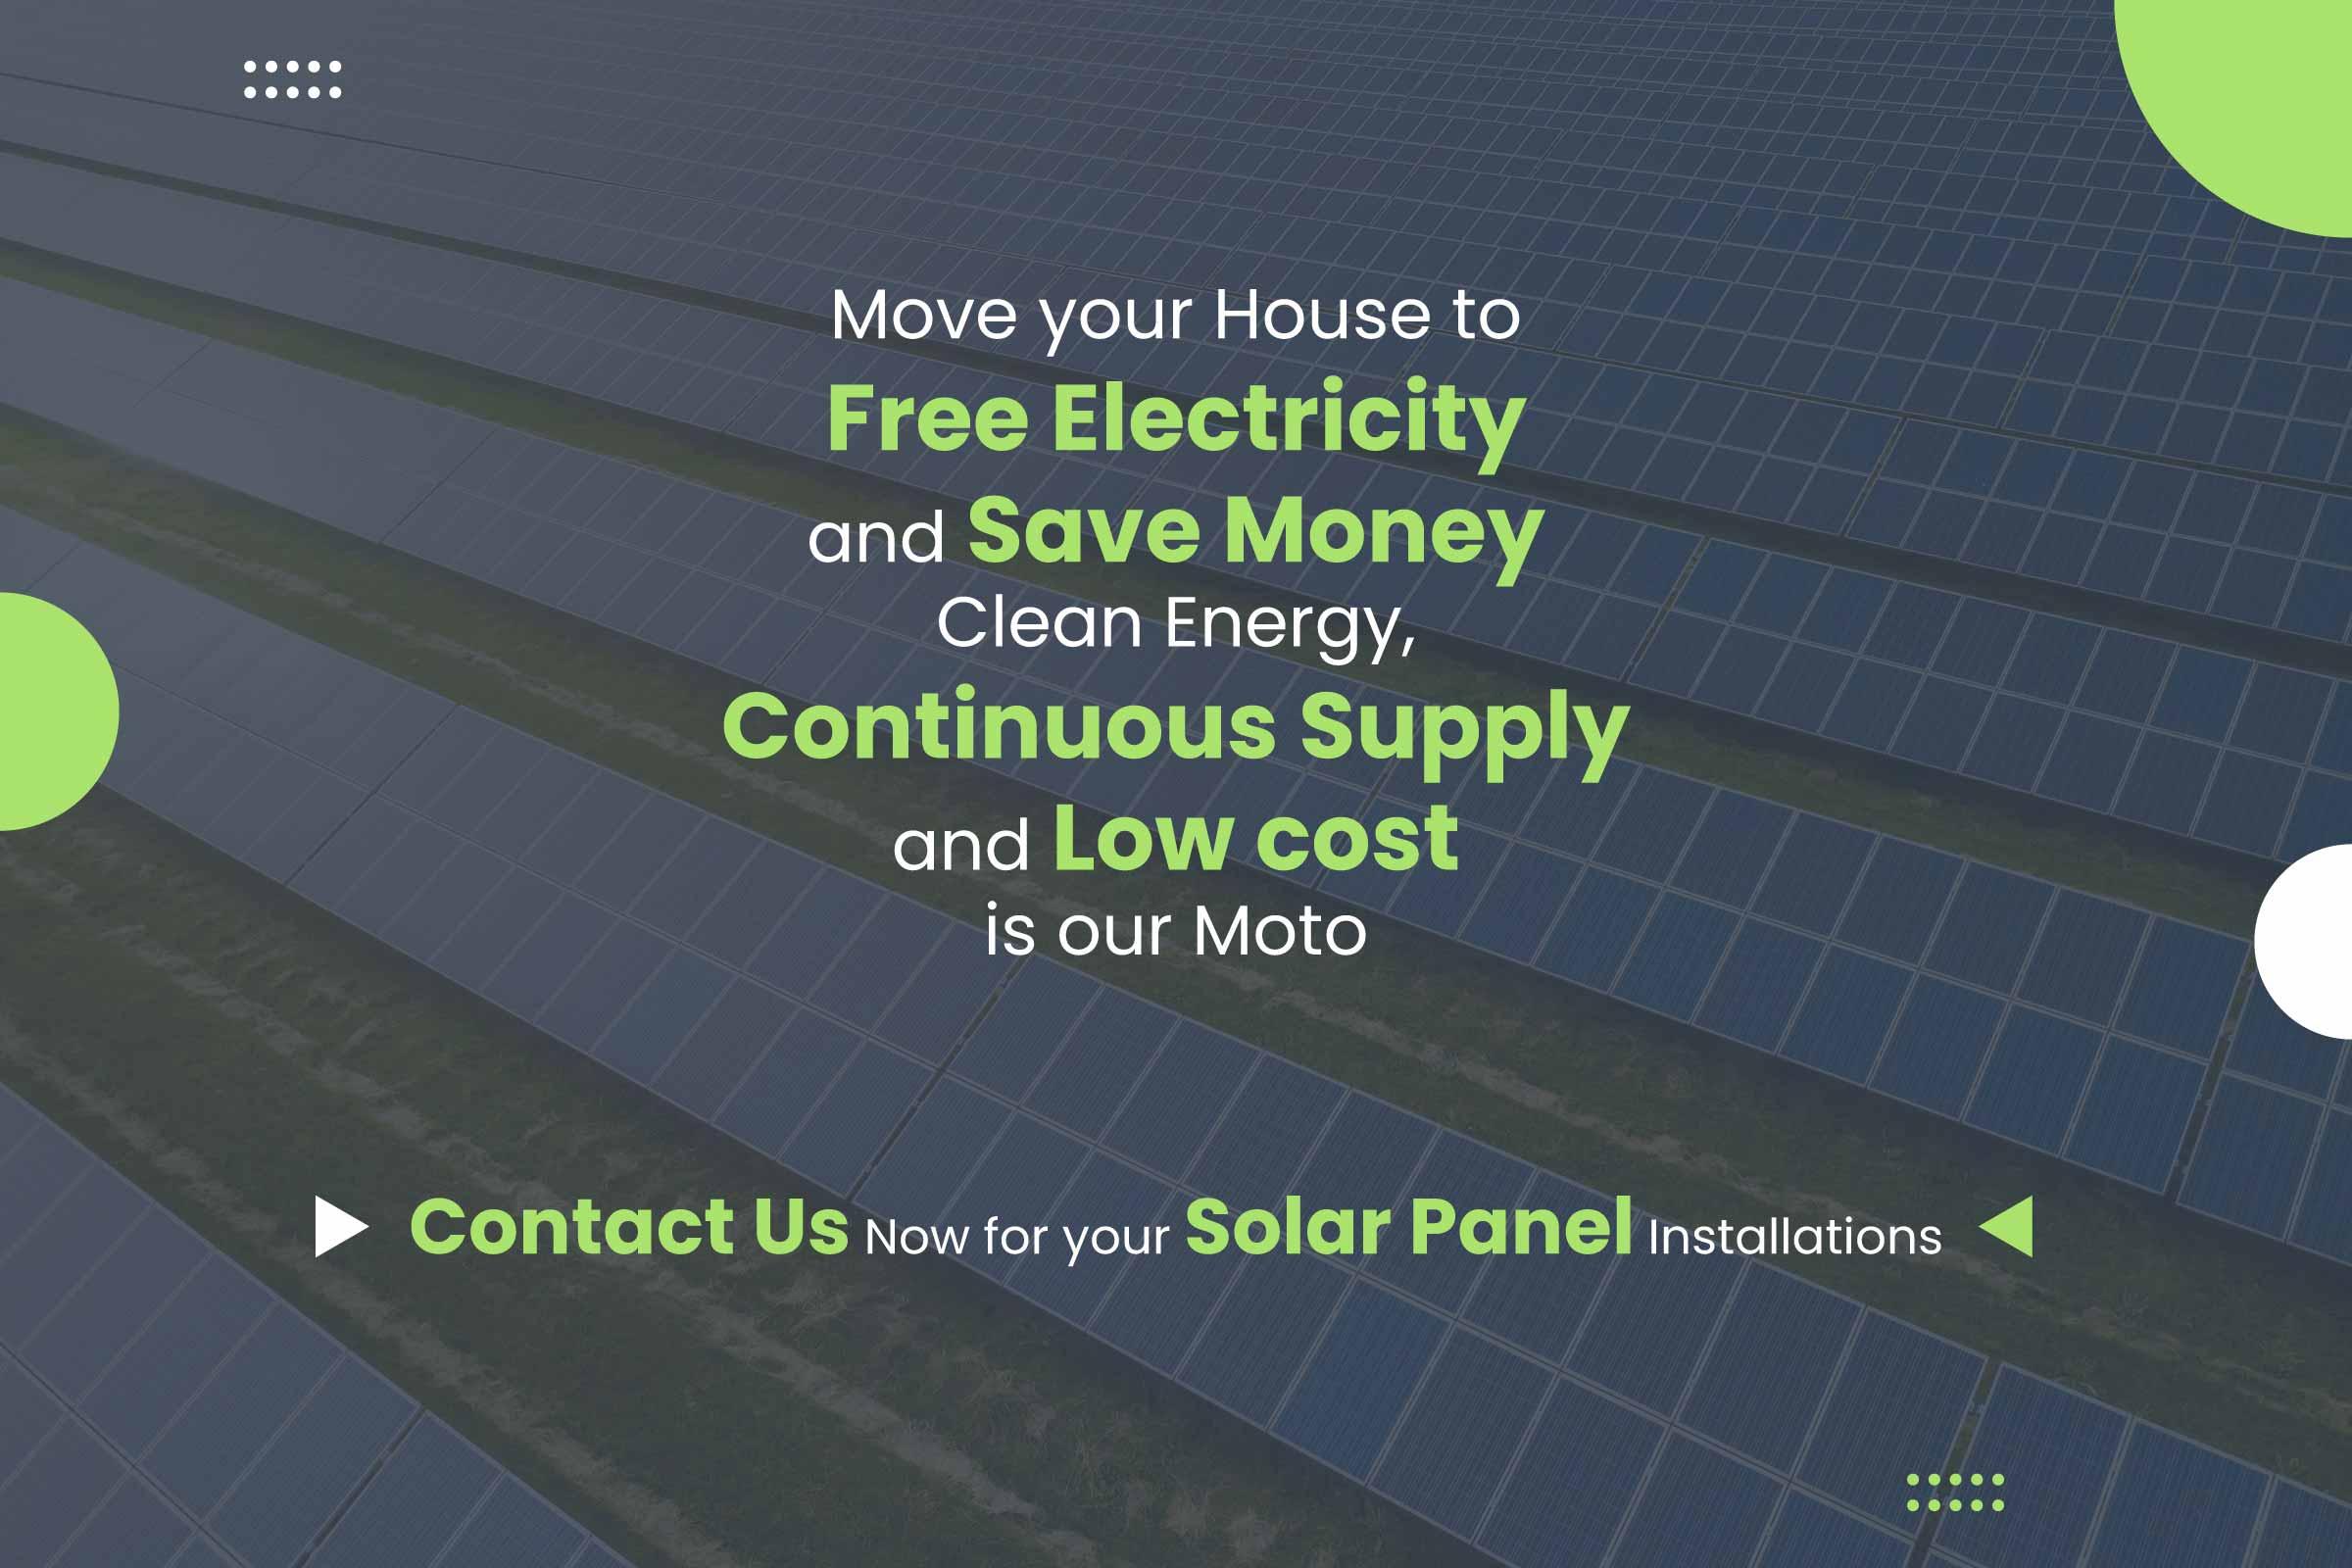 Solar Panel Installation Sydney